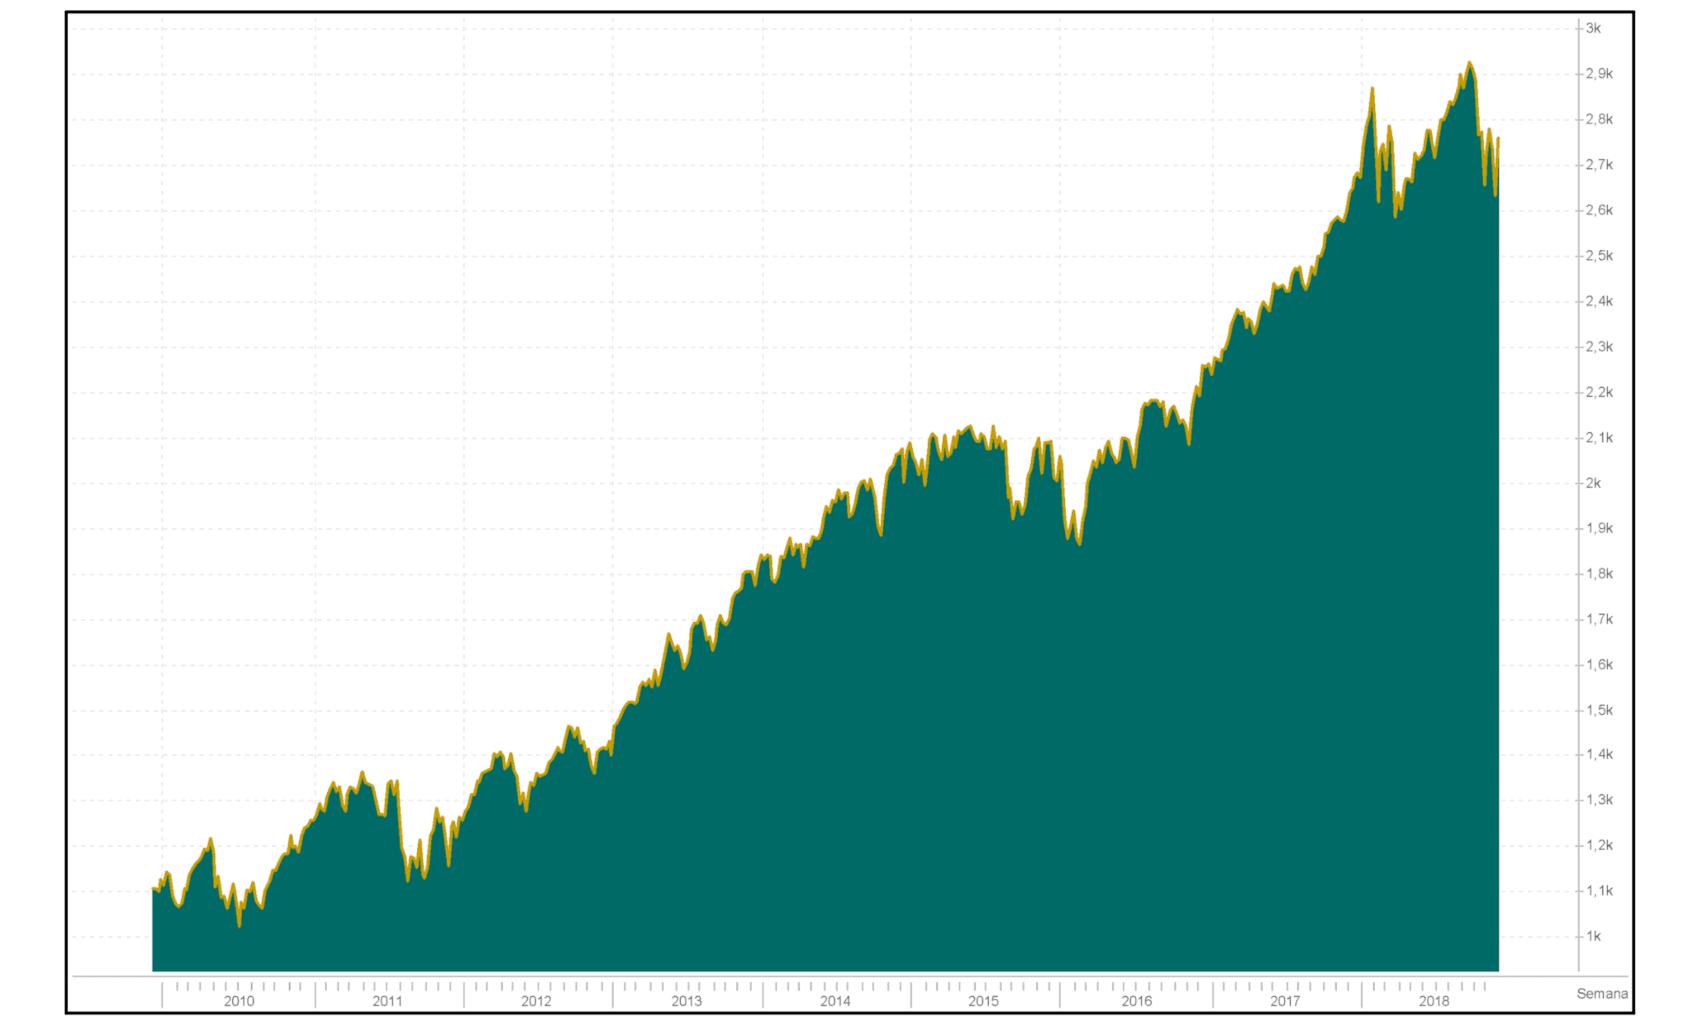 Valorização do S&P500: O mercado americano vive um período bullish desde 2009